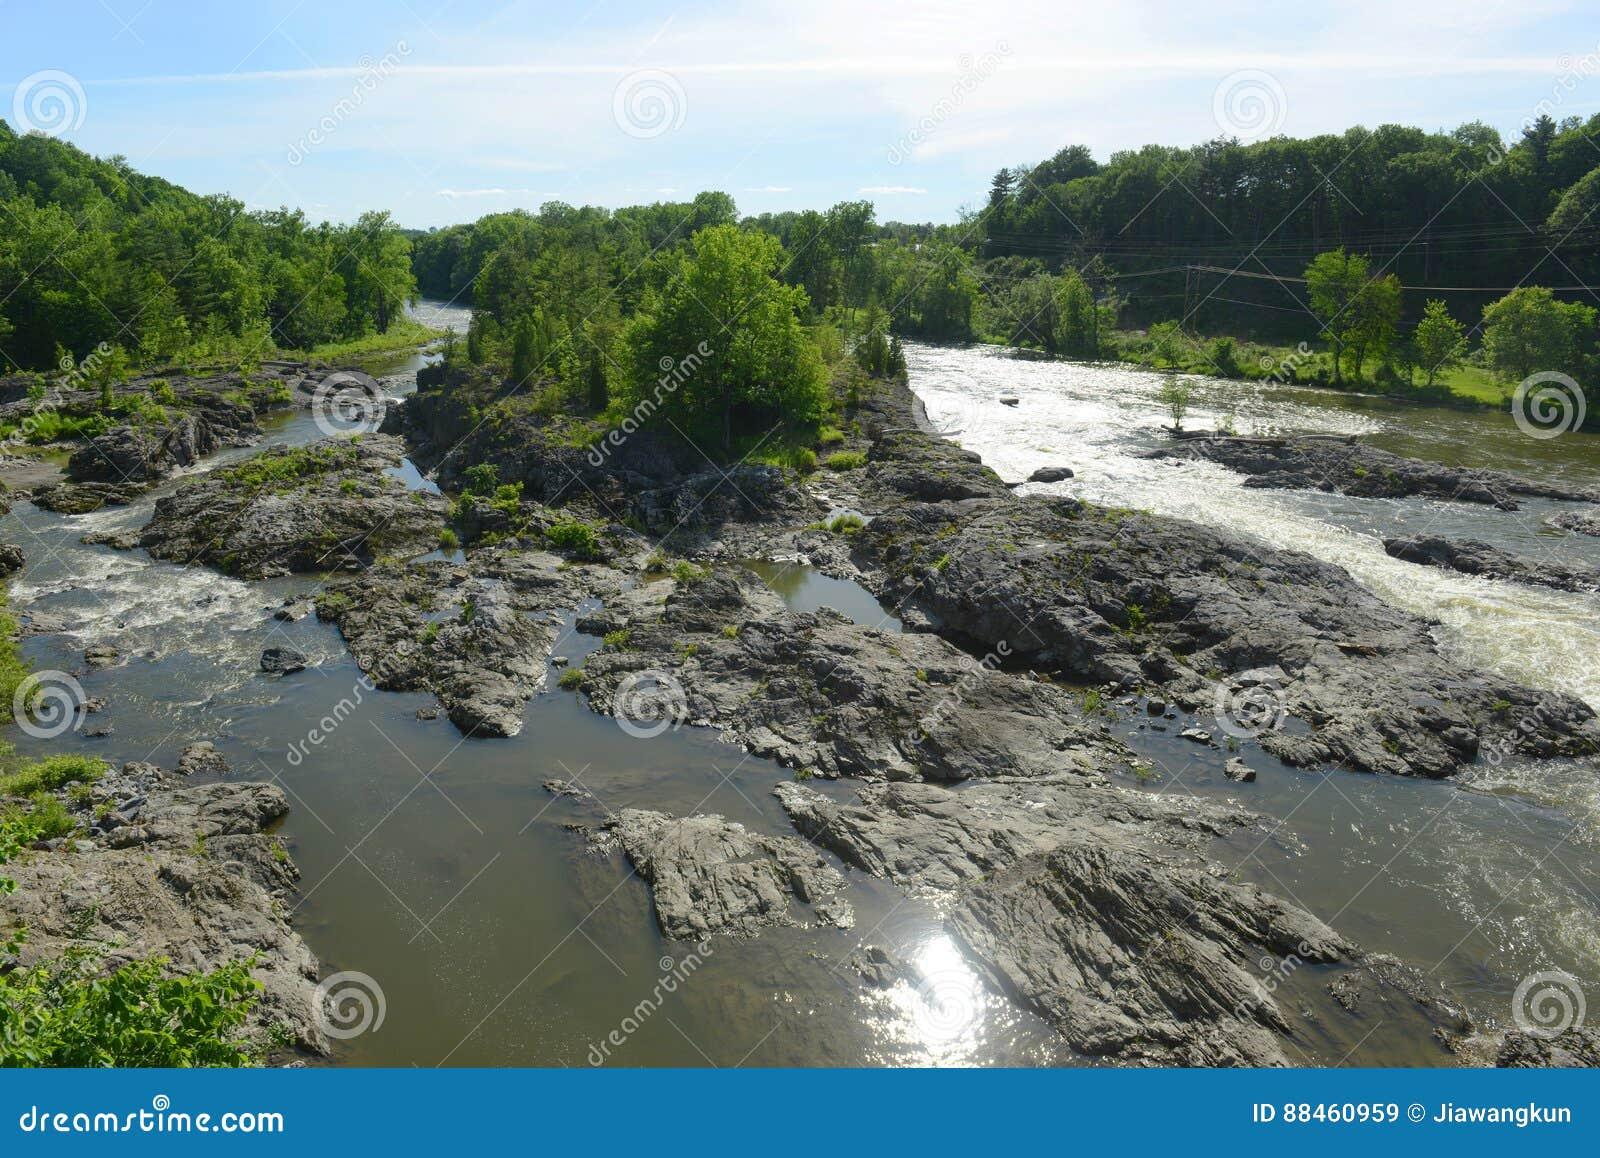 Winooski River, Essex Junction, Vermont